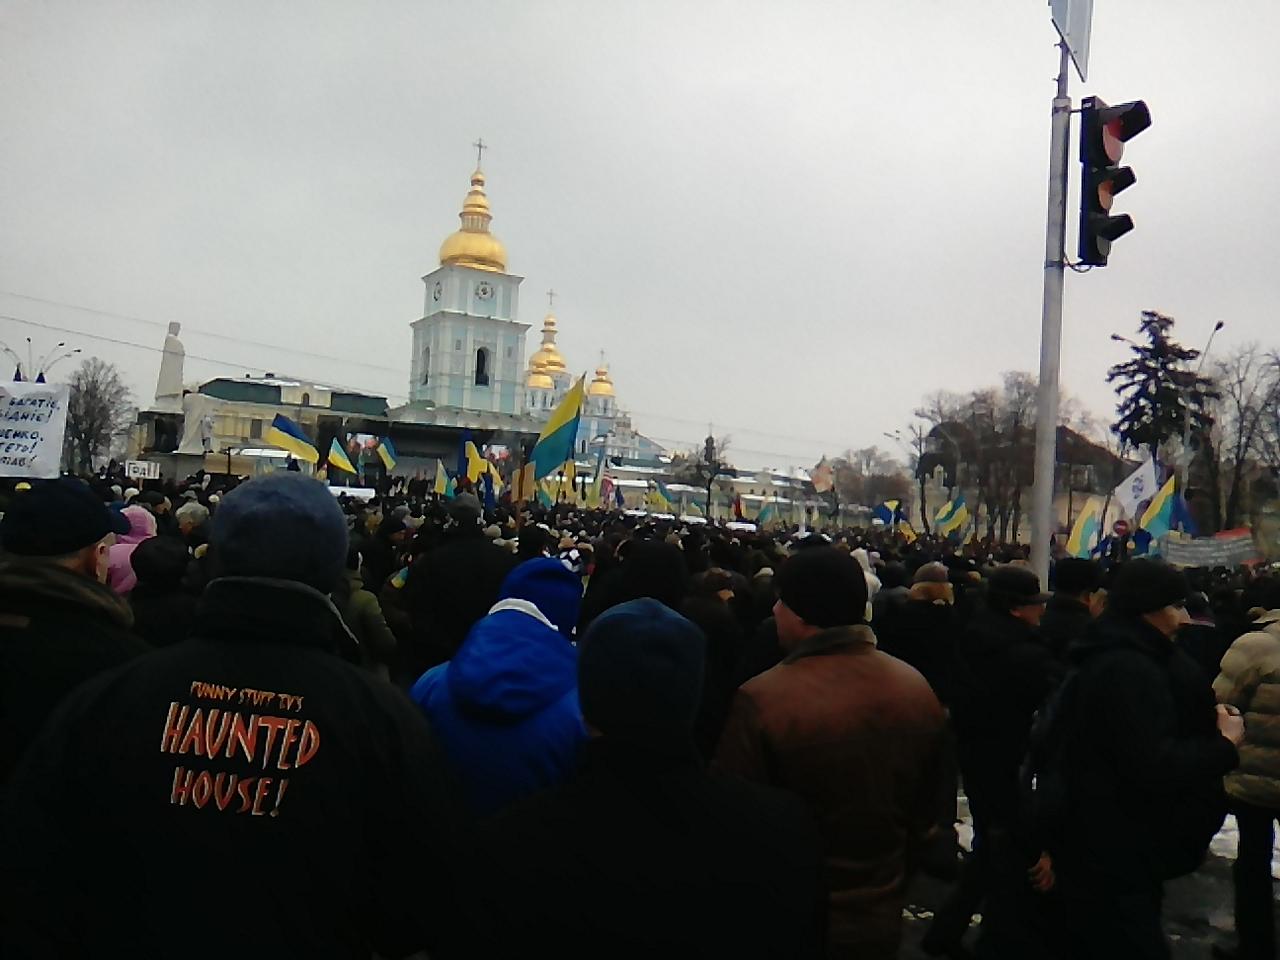 Михайловская площадь. Митинг противников коррупции в Киеве.